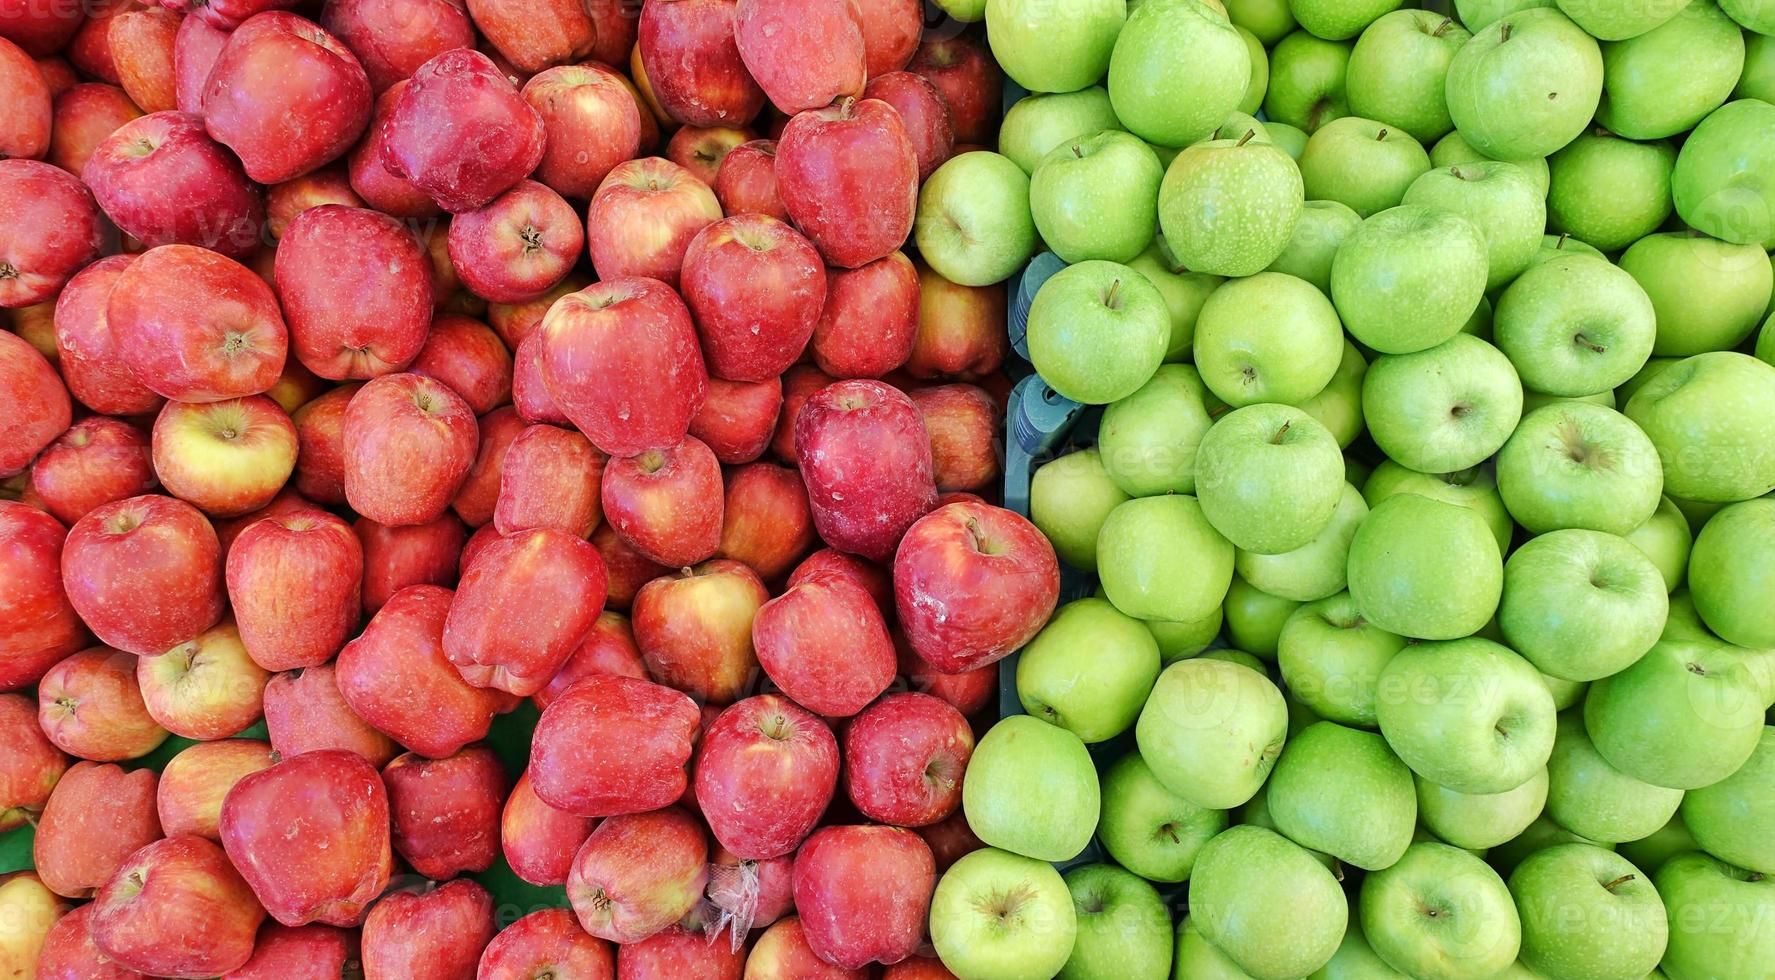 fruta manzana orgánica roja y verde foto